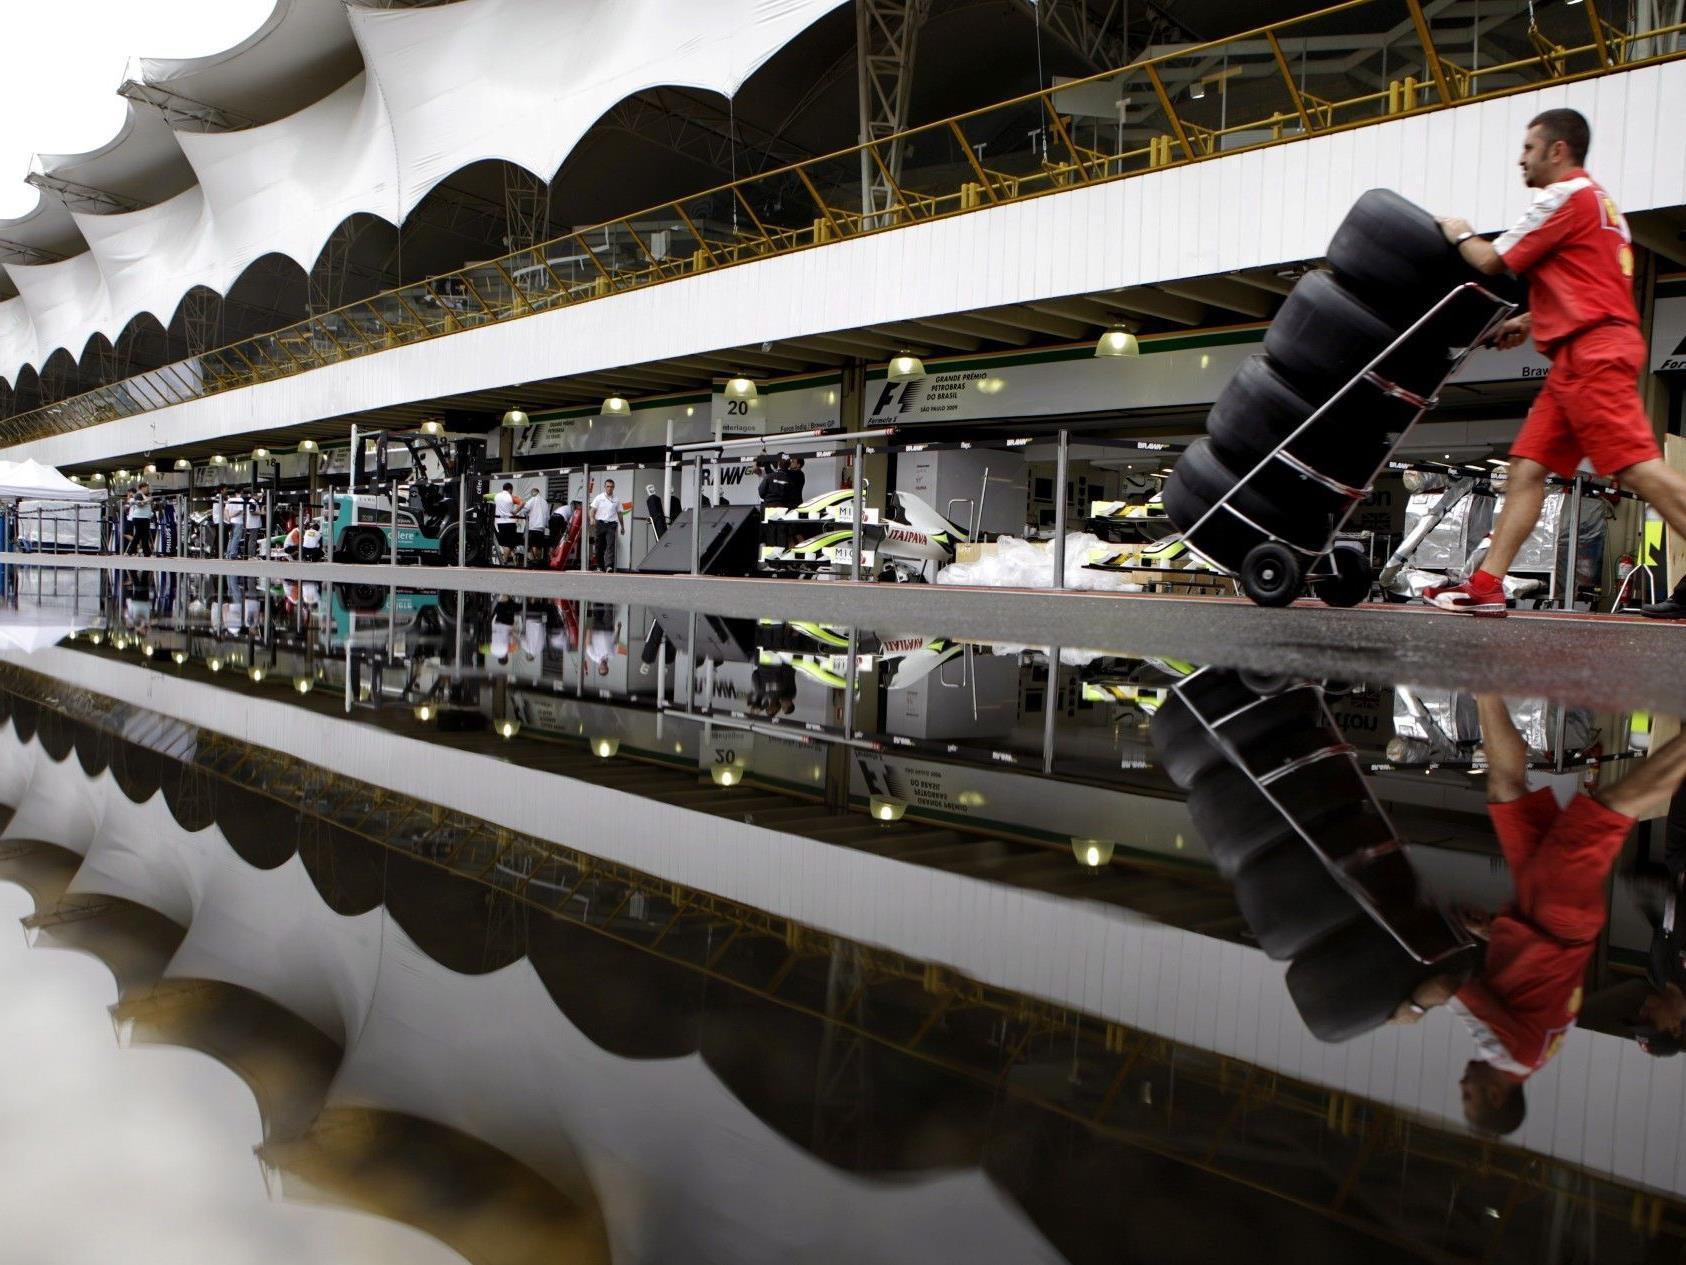 Abseits der Strecke macht die Sicherheit in Sao Paulo der Formel 1 große Probleme.